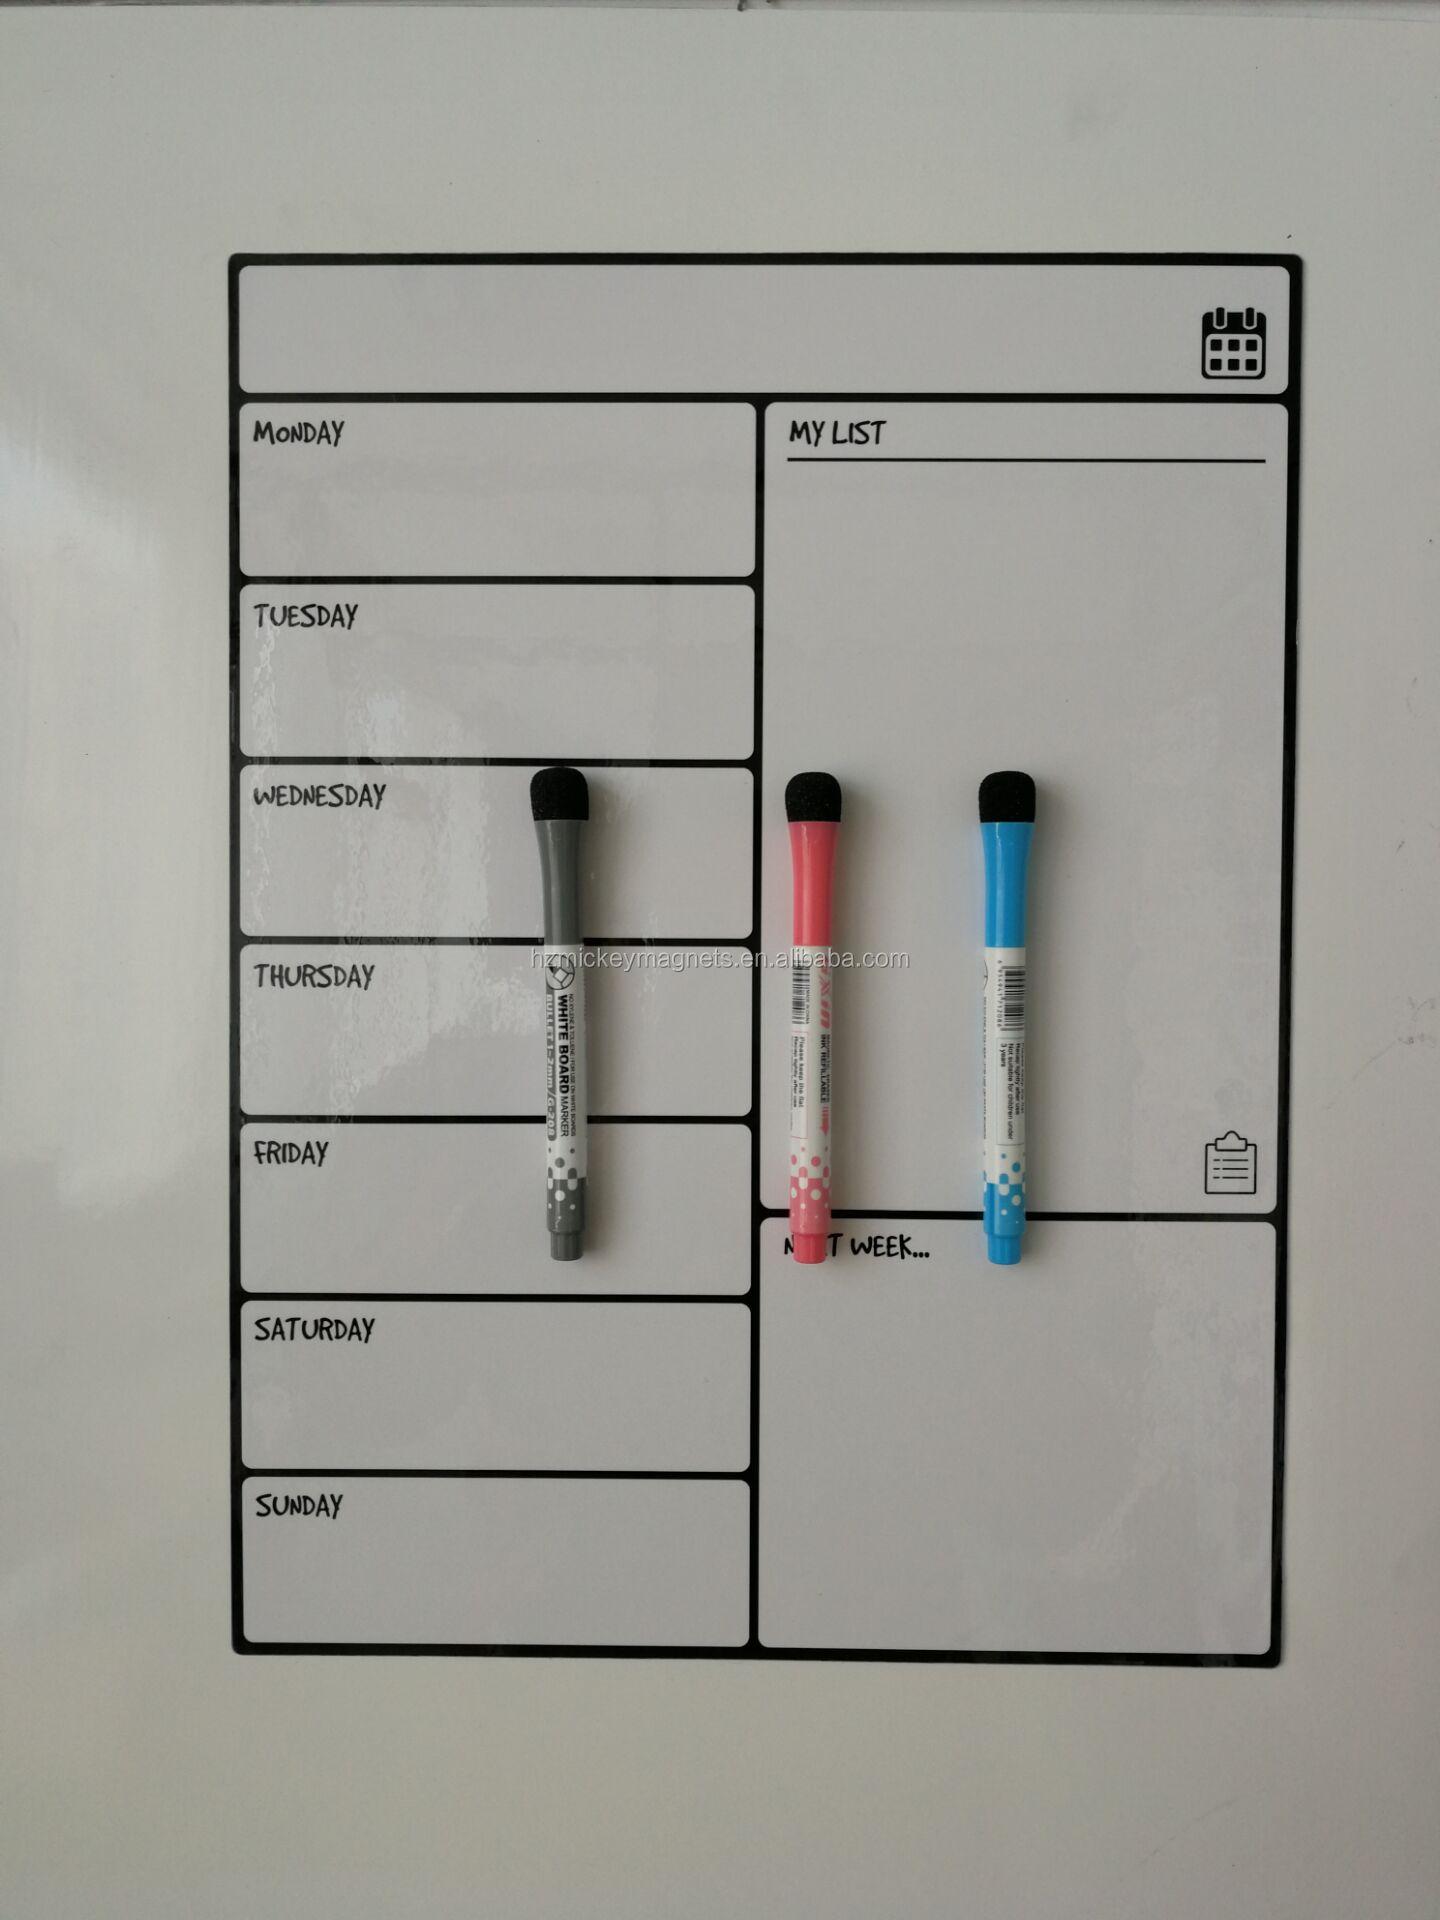 16*12 بوصة المغناطيسي رسم لوحة بيضاء مع 3 غرامة تلميح جودة عالية علامات